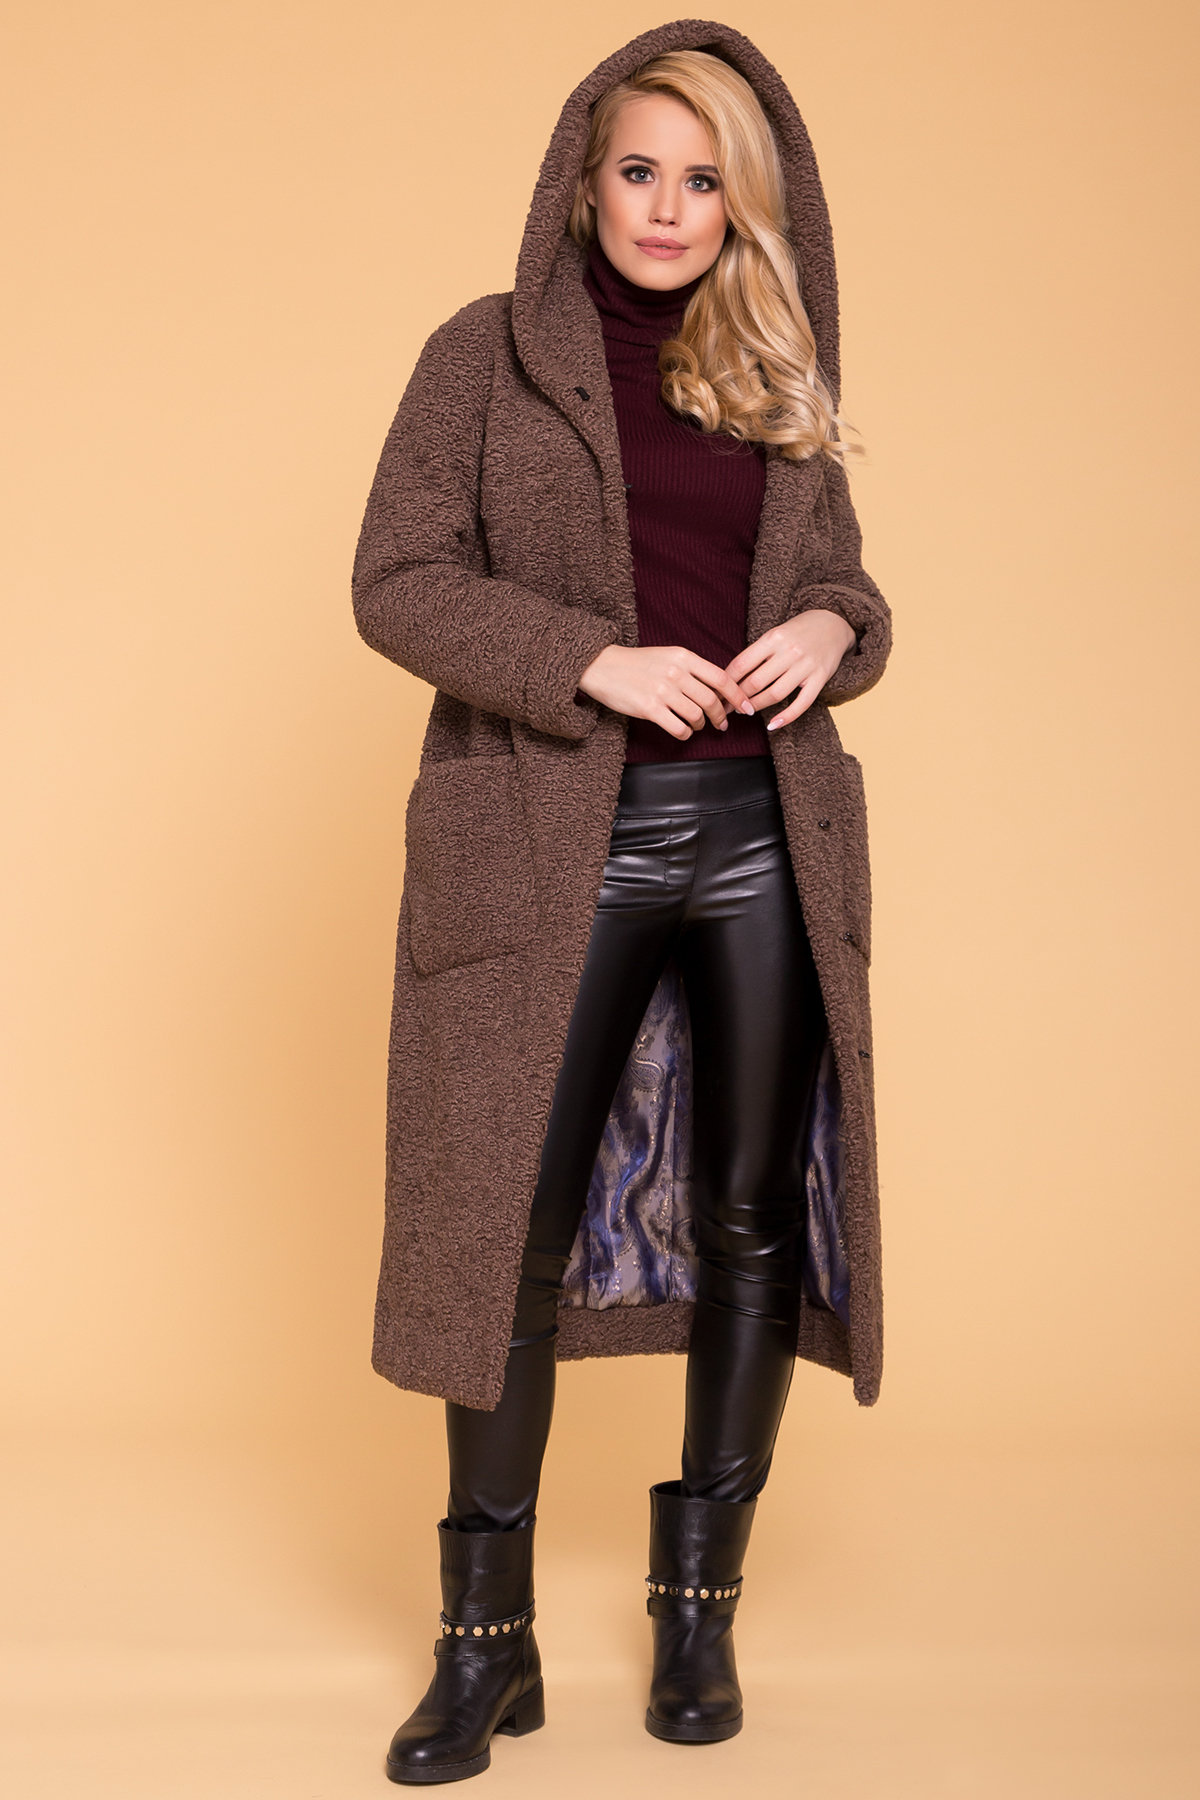 Пальто меховое зима Анита макси 6012 Цвет: Бежевый Темный